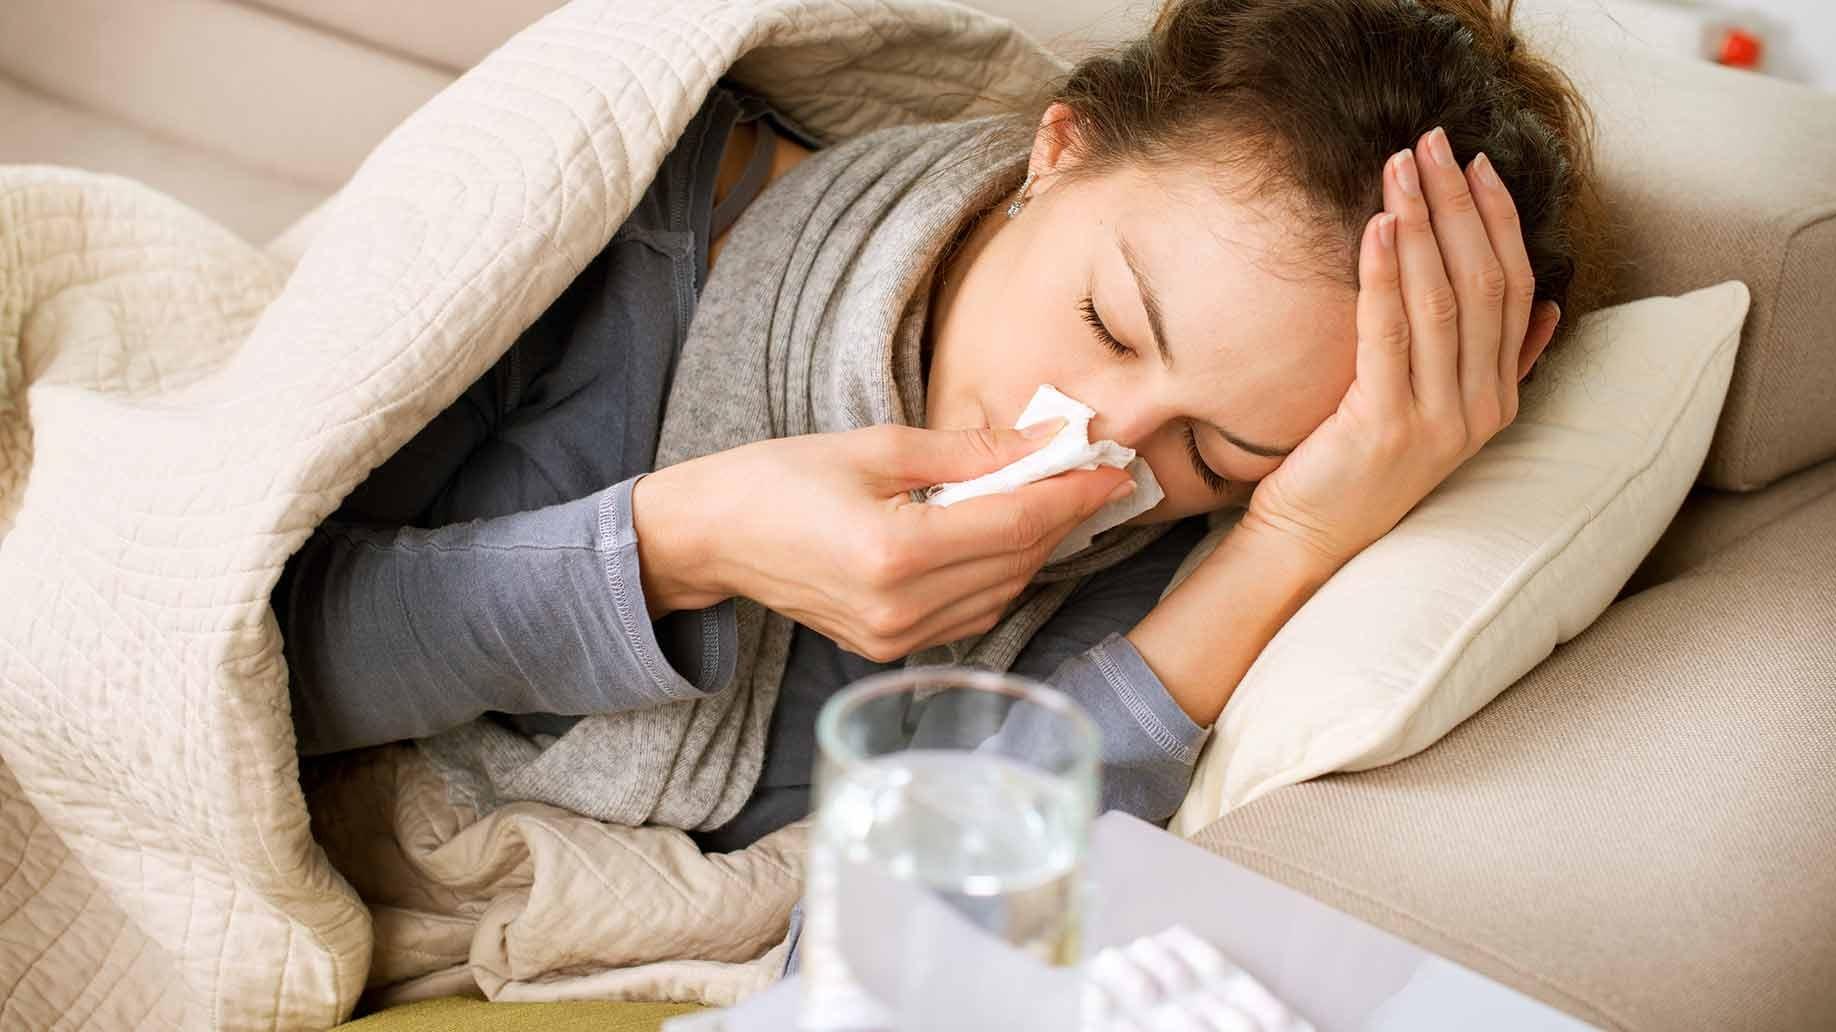 كيف تتجنب الإصابة بالبرد؟